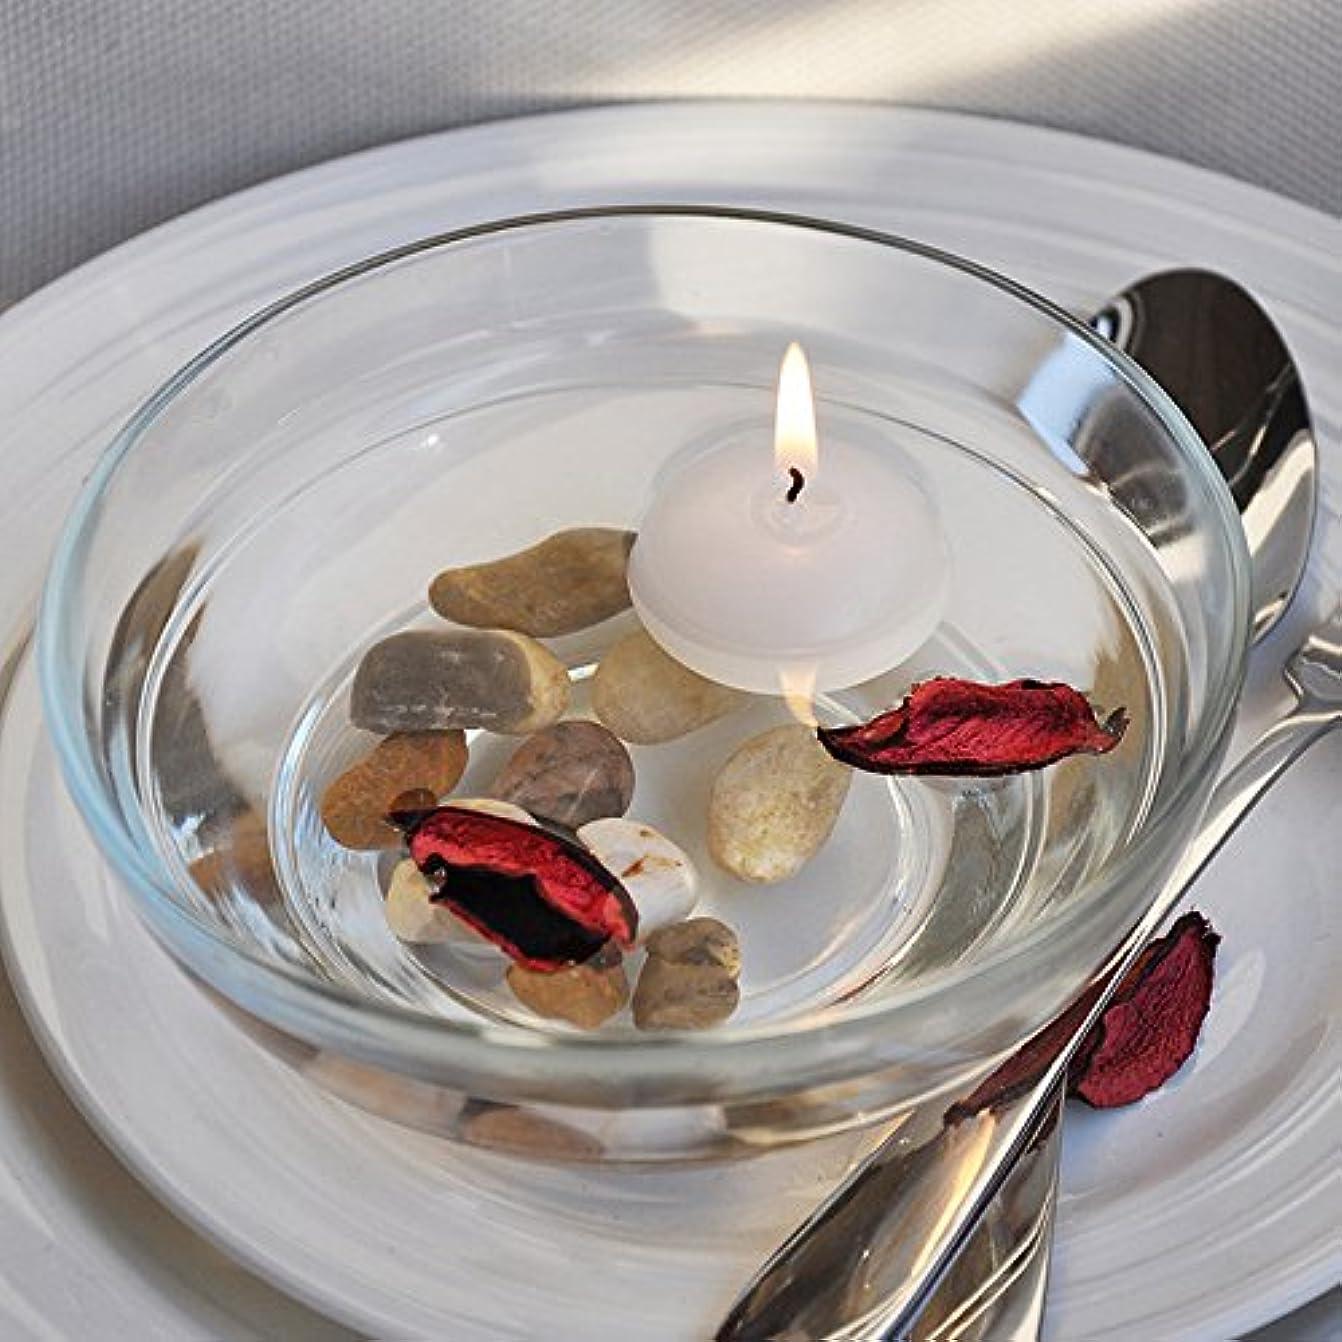 交渉する罪人歯熱い販売10ピース/ロット小さな無香料フローティングキャンドル用ウェディングパーティーホームデコレーションキャンドル-Ivory